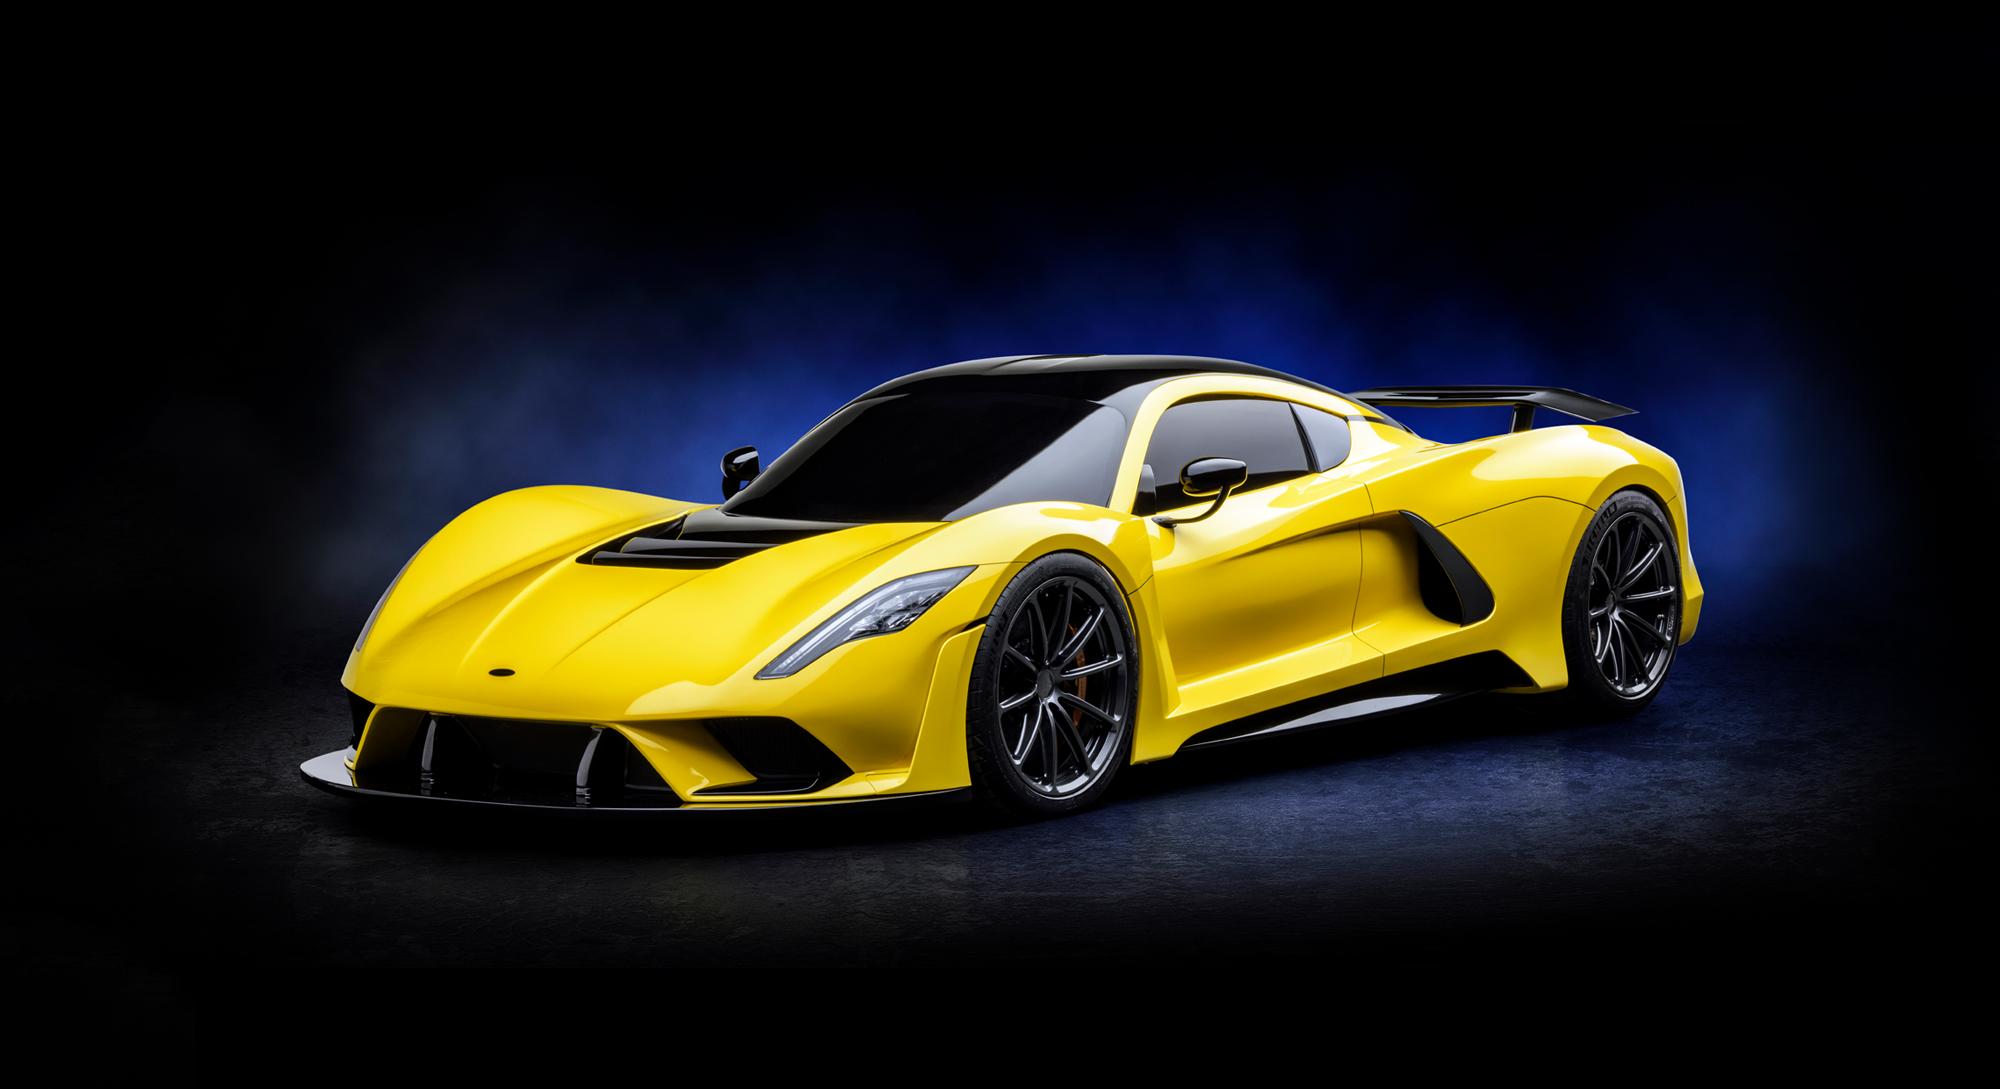 VenomGT.com | The Official Website of the Hennessey Venom GT